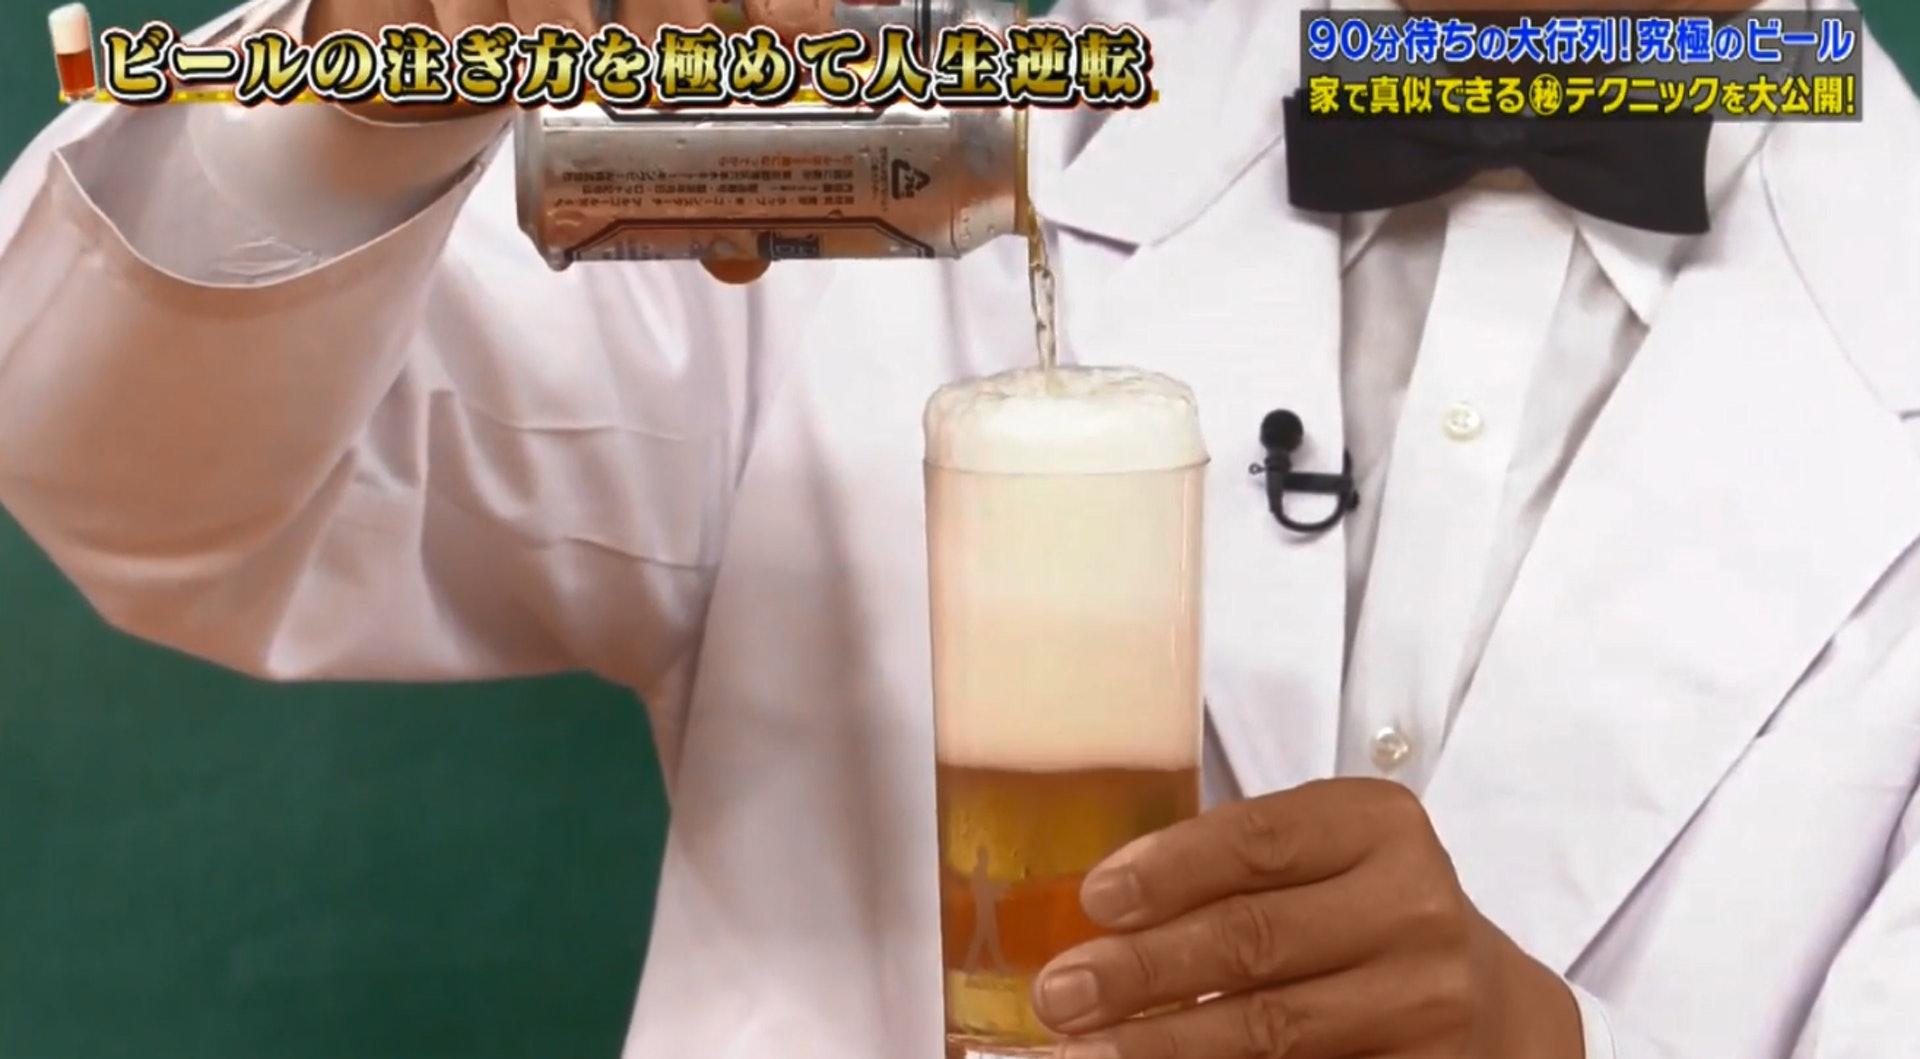 啤酒迷】日本達人獨創神奇倒法能令討厭啤酒的人瞬間愛上|香港01|開罐